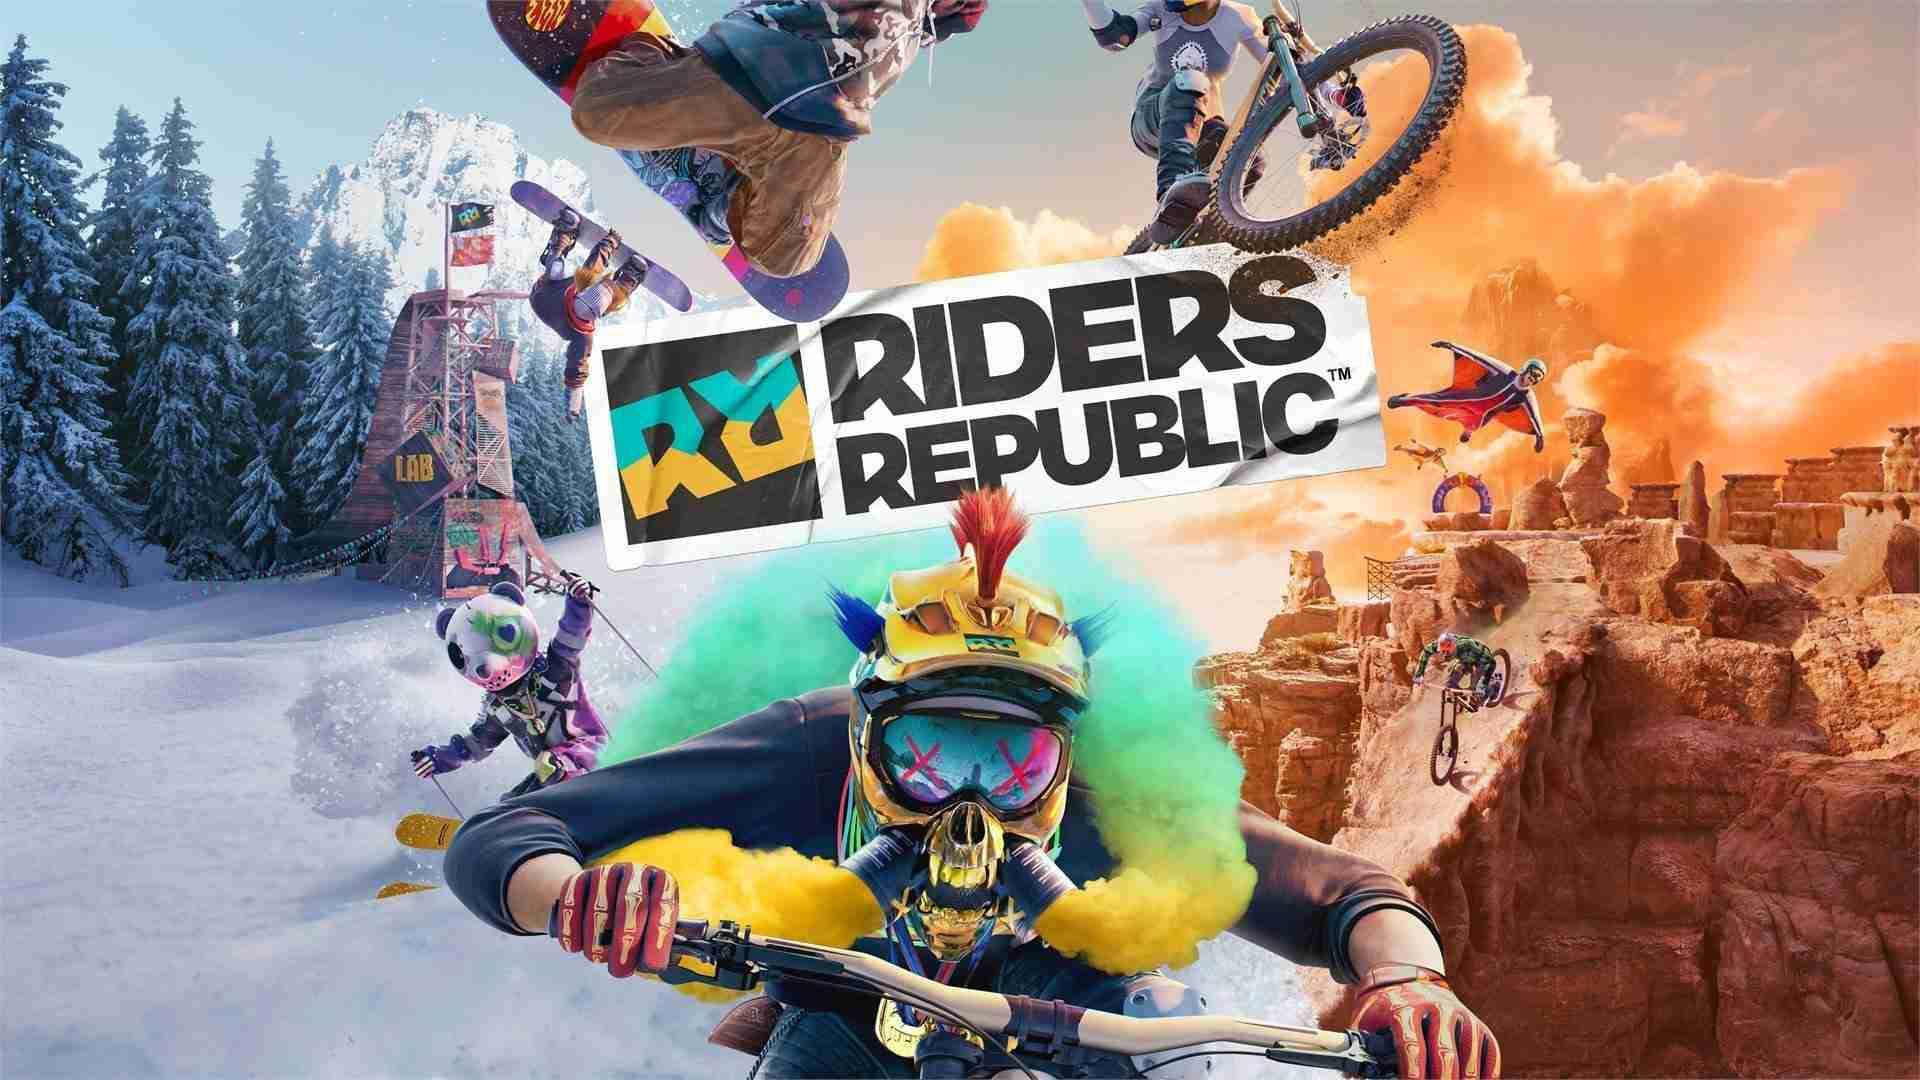 Riders Republic Artwork